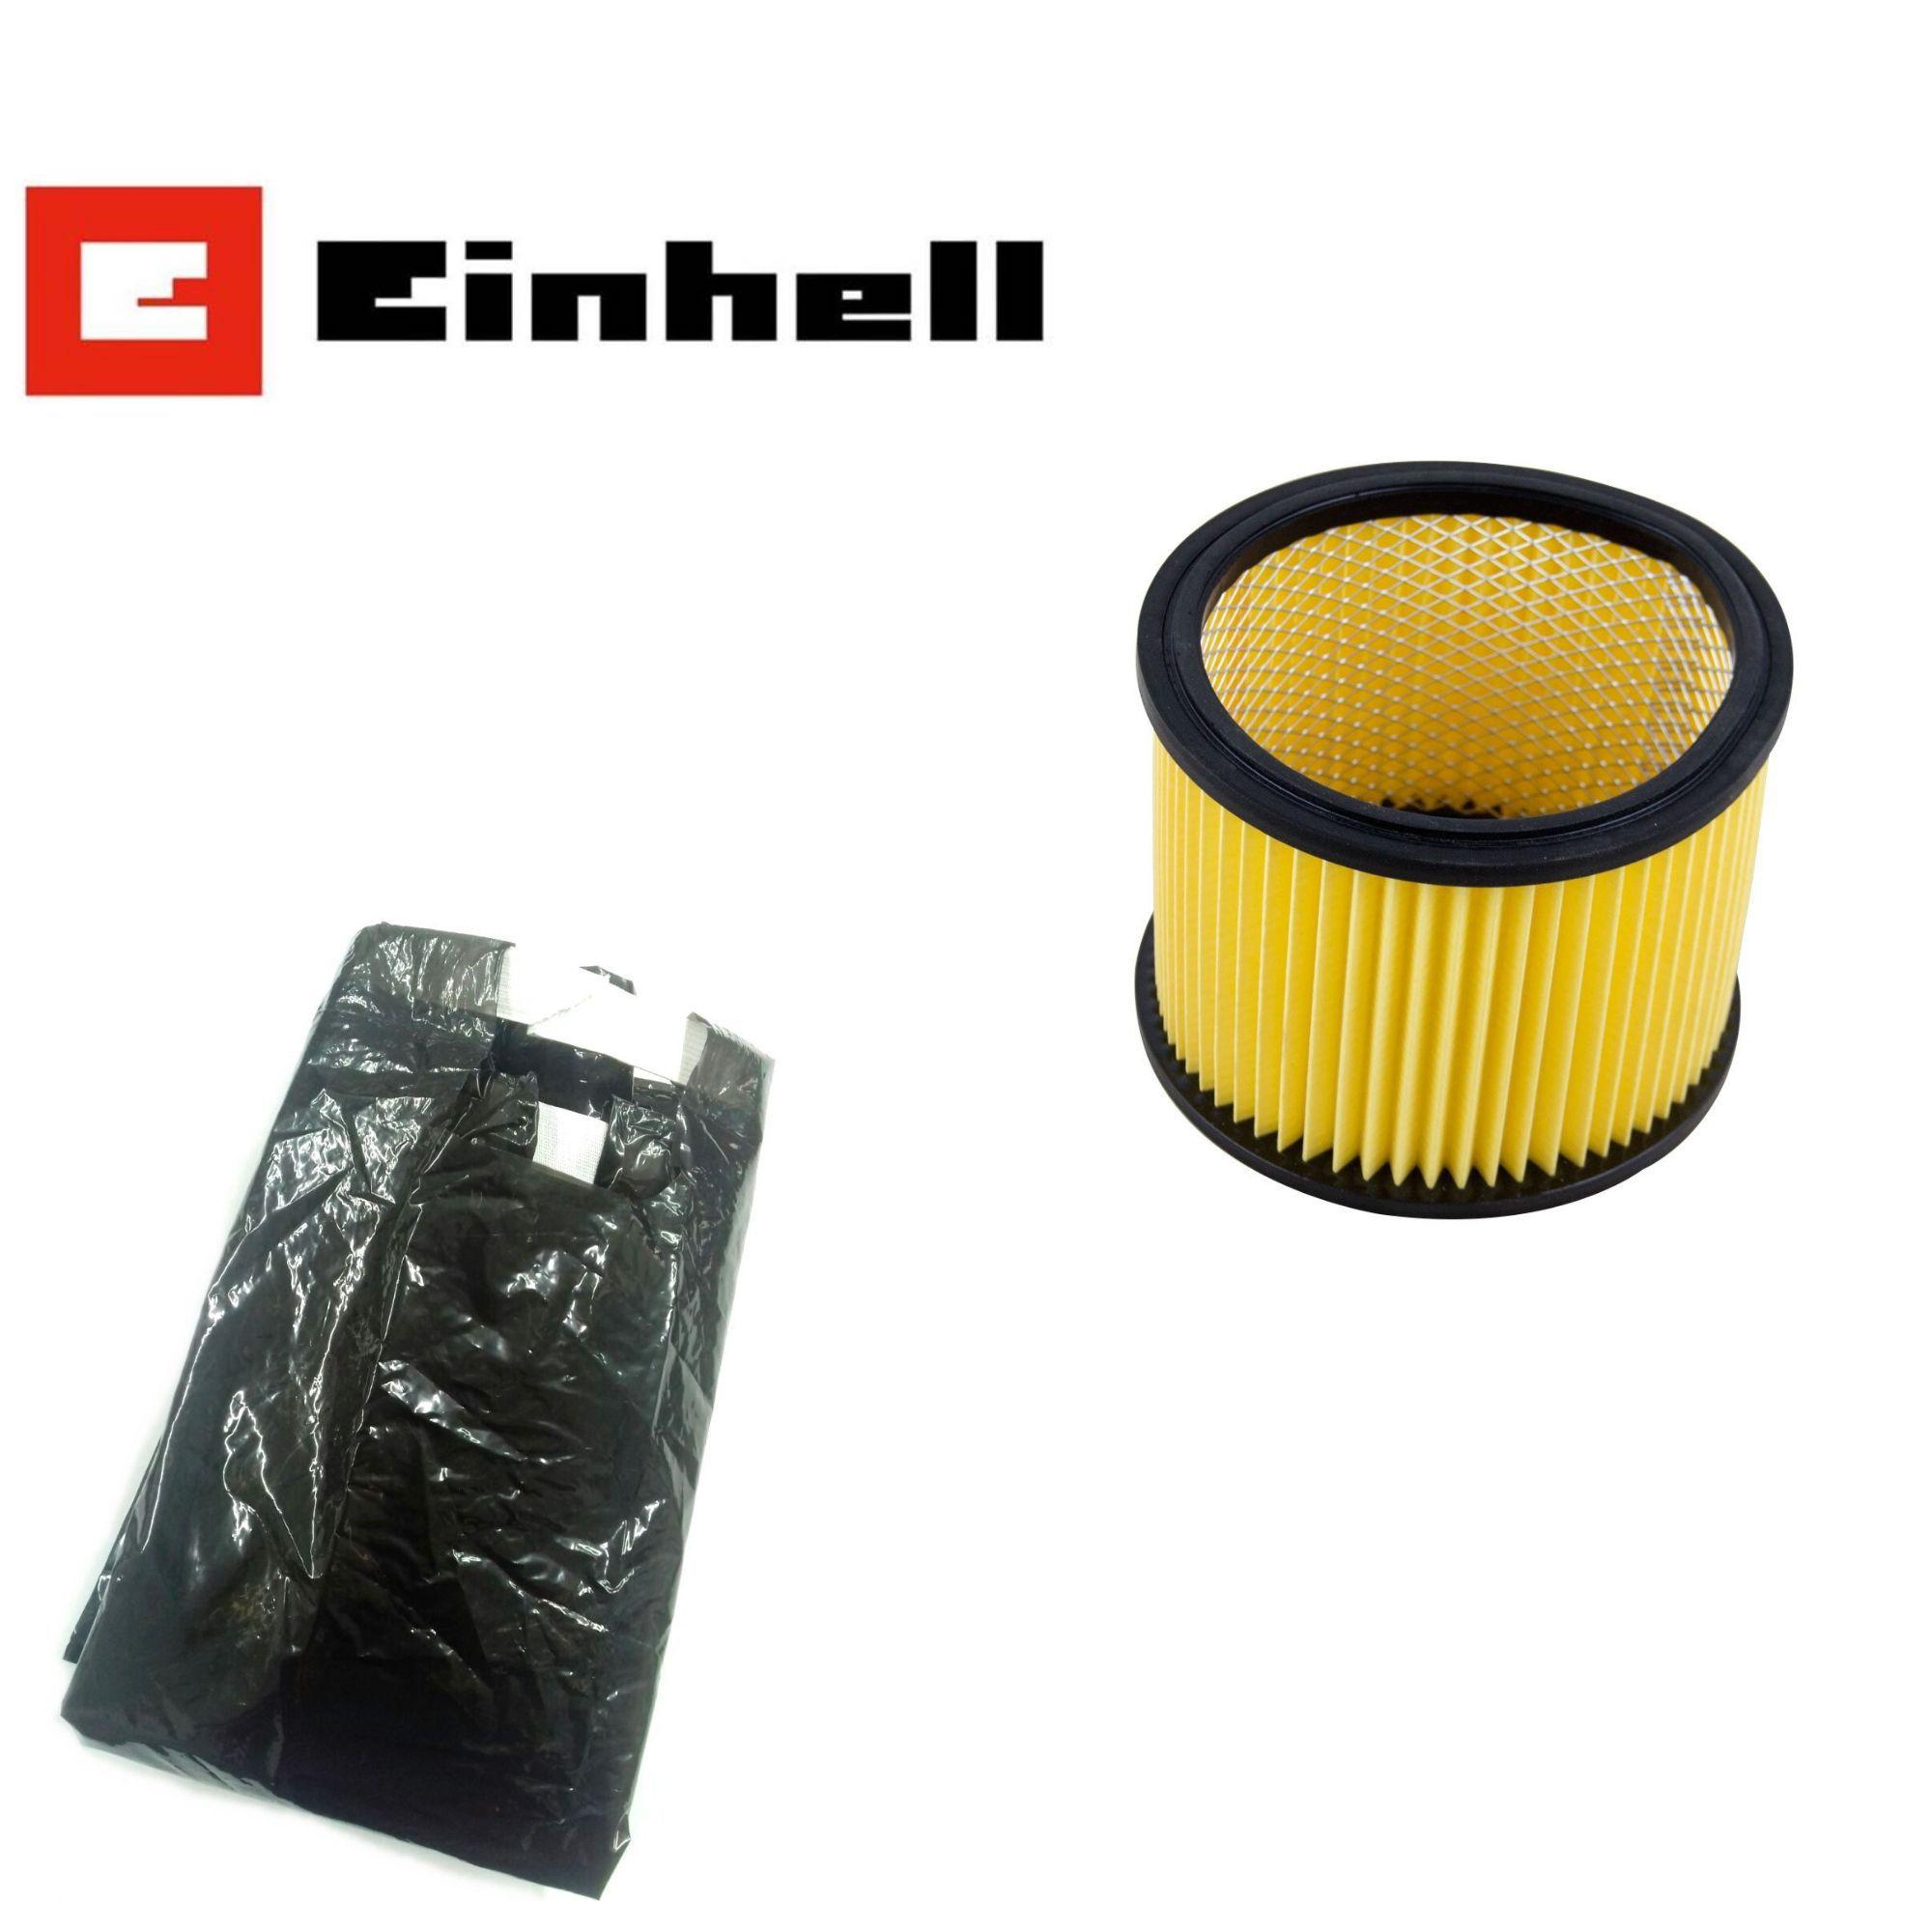 Kit Aspirador Einhell BT-VC 1450 - Filtro Sanfonado + Saco coletor de Plastico